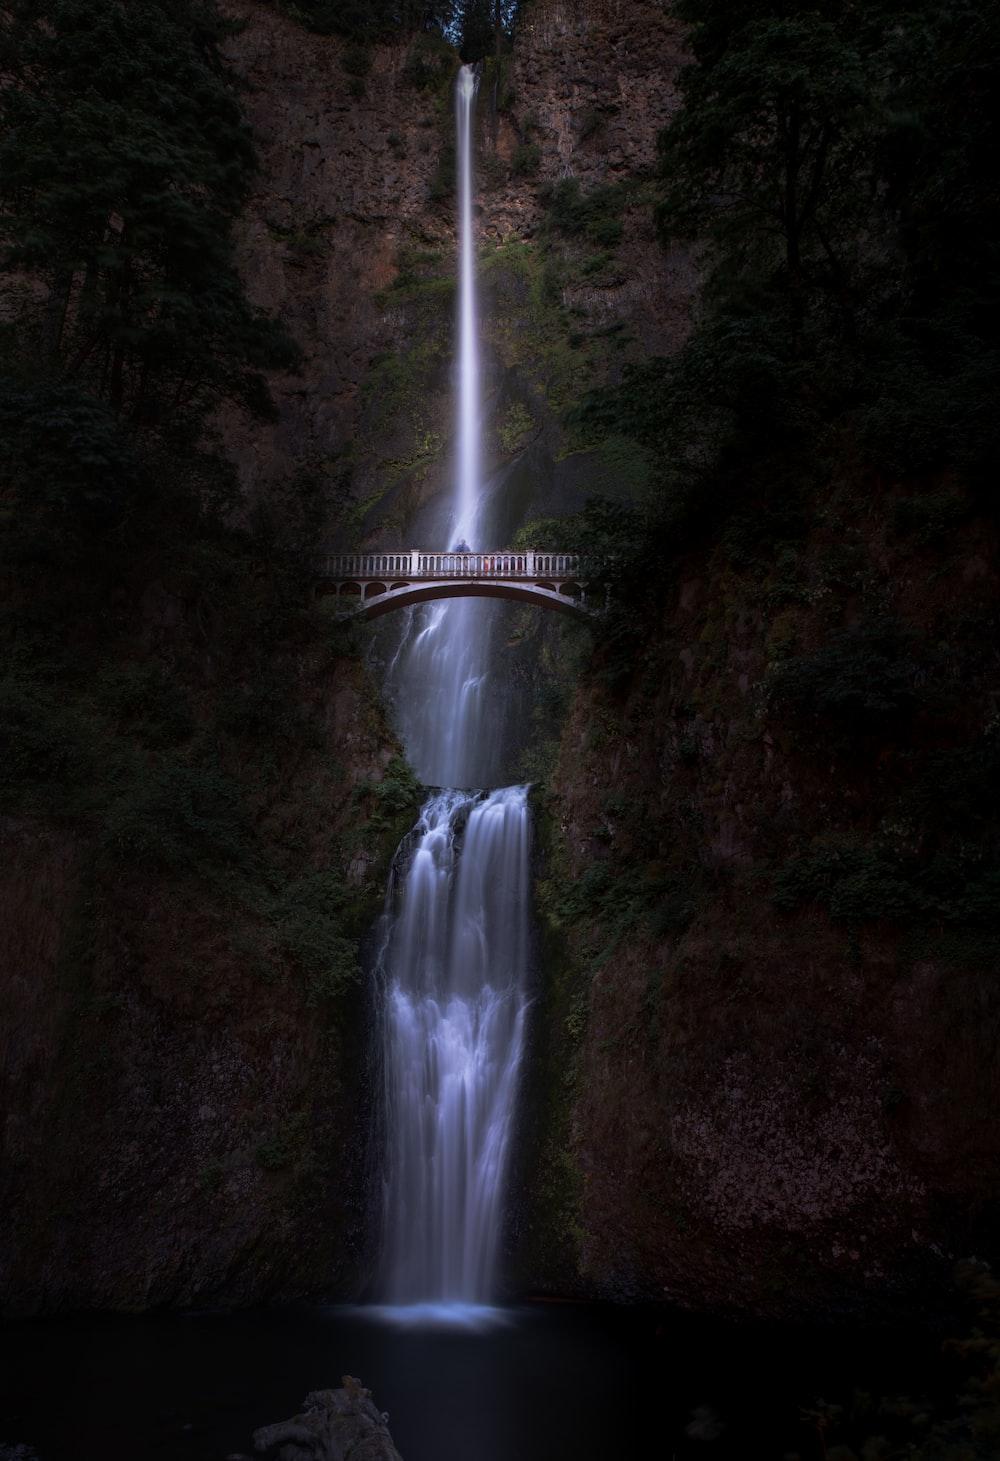 bridge near waterfalls at daytime